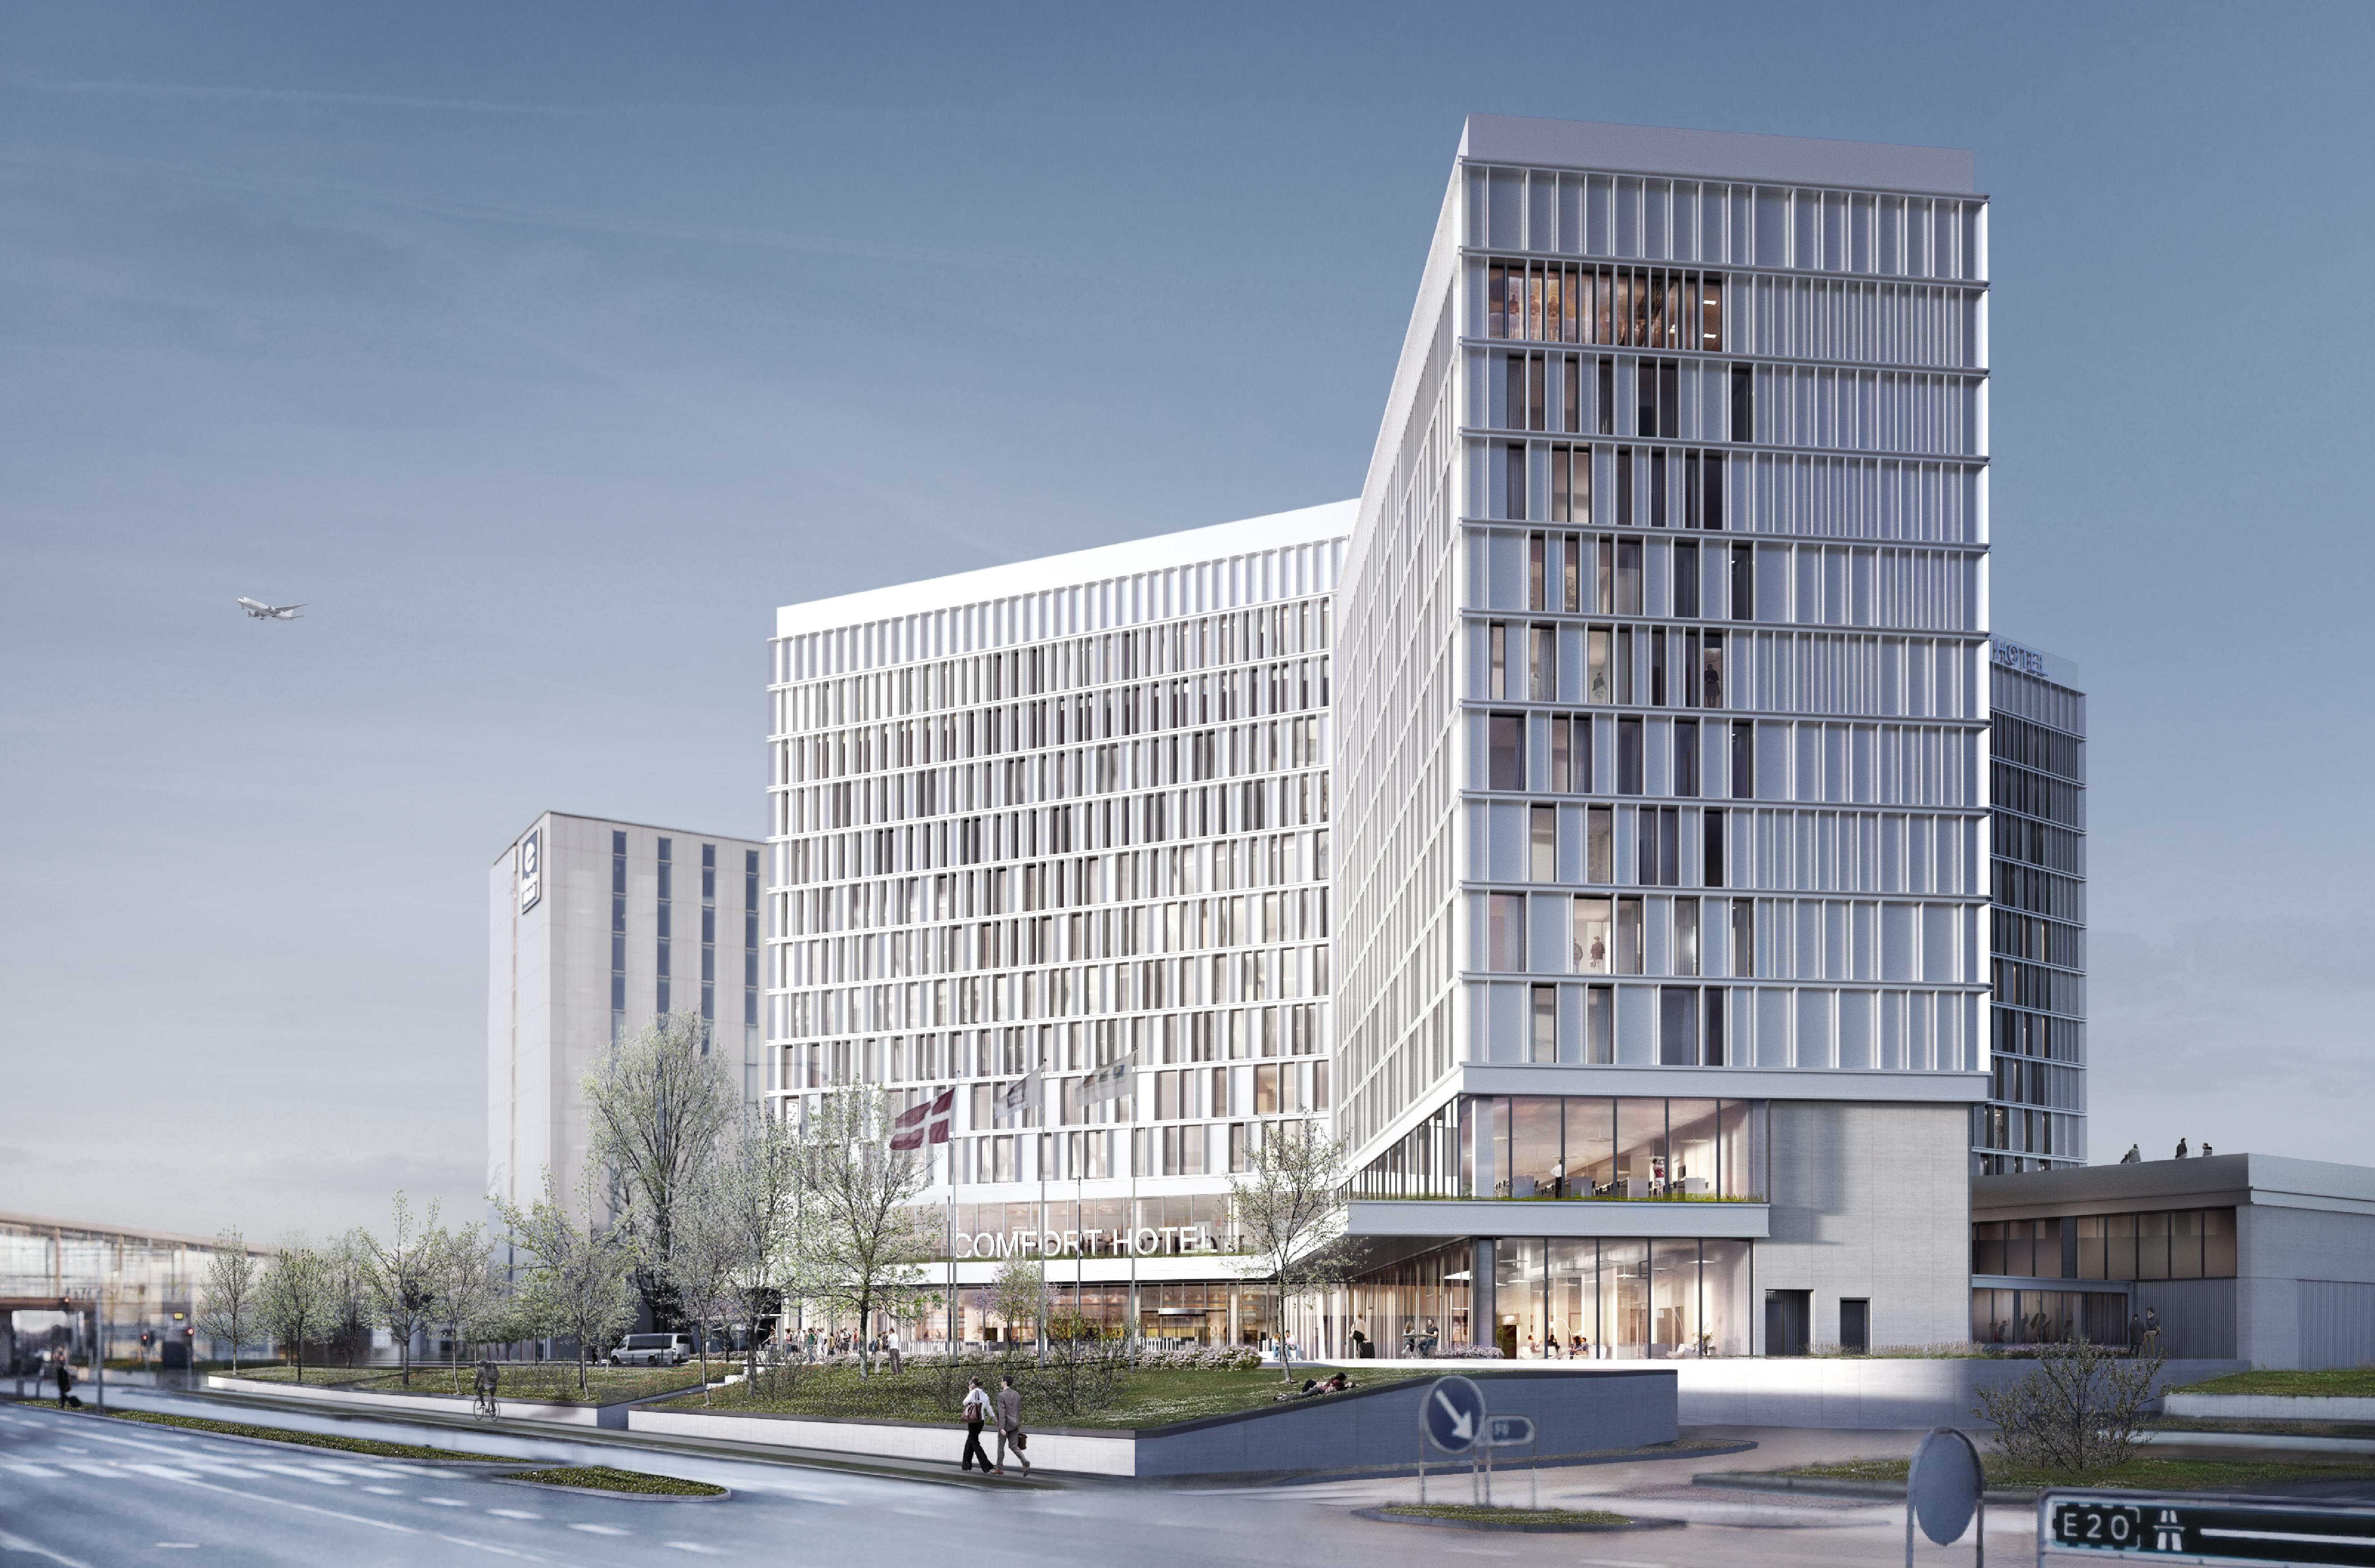 Et af Københavns kommende nye hoteller bliver Comfort Hotel Copenhagen Airport med 619 værelser. Det åbner i 2020 som nabo til det tidligere Hilton Copenhagen Airport, til venstre på illustrationen.